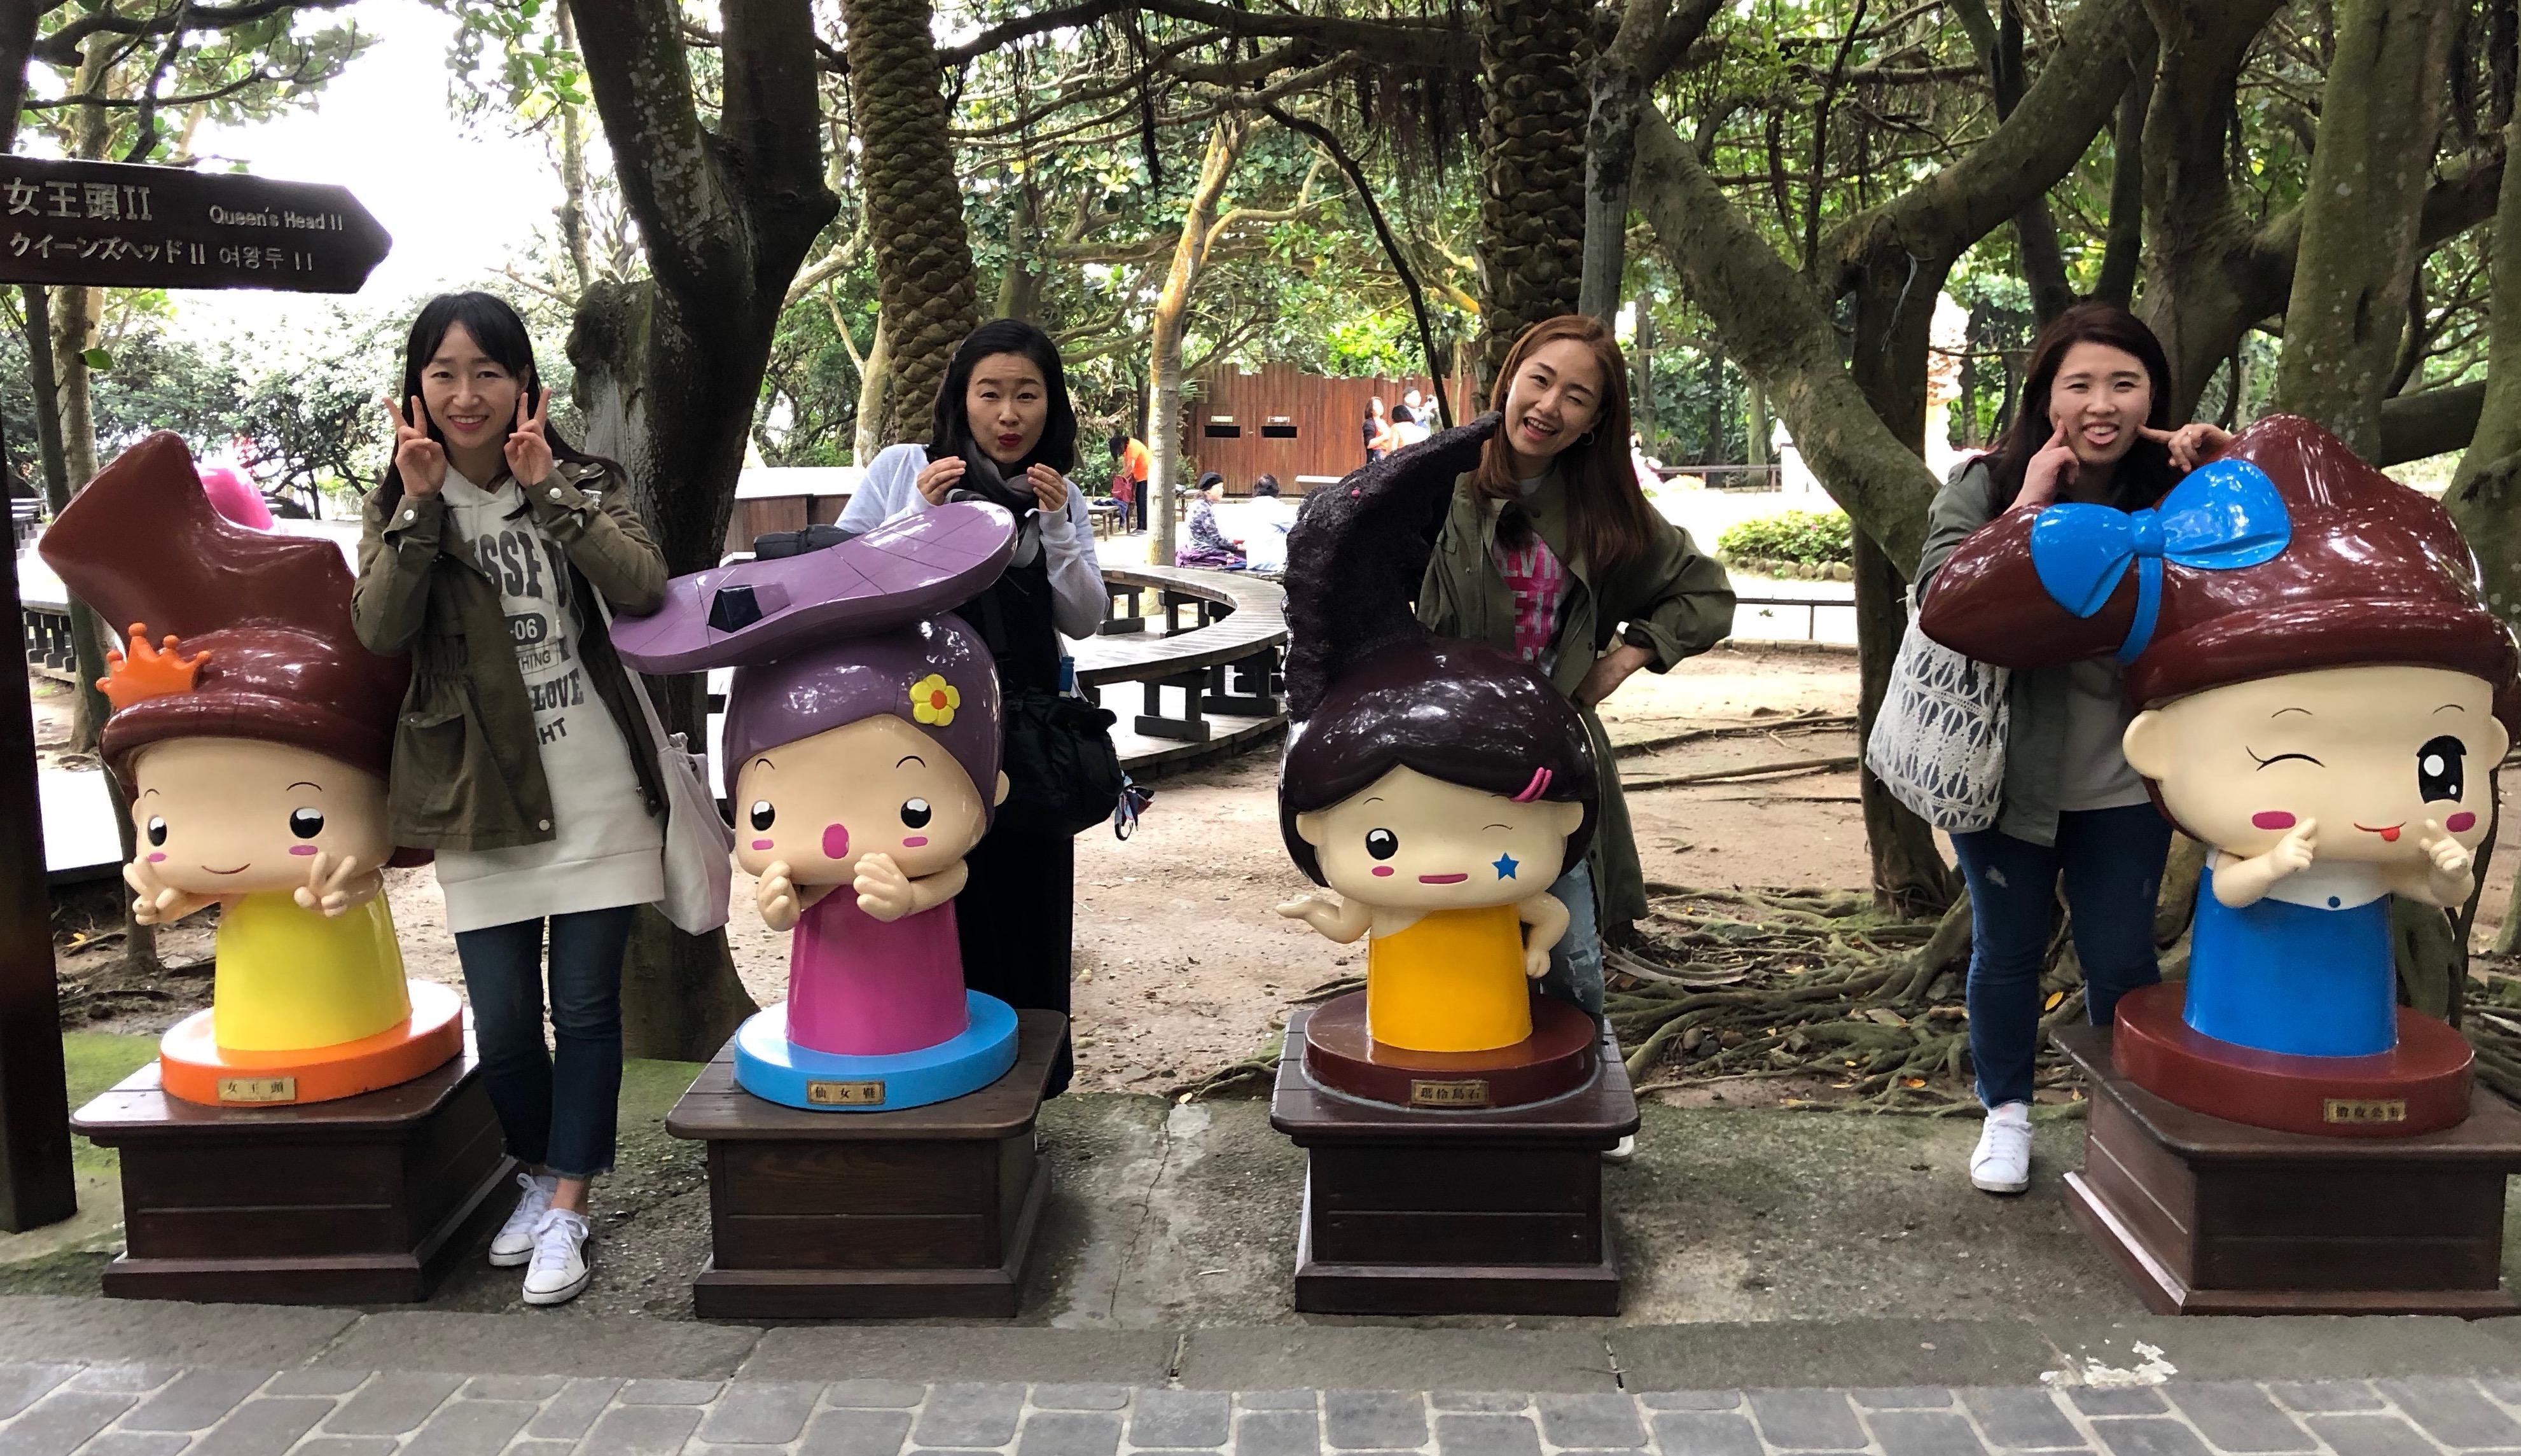 נשים בטייוואן